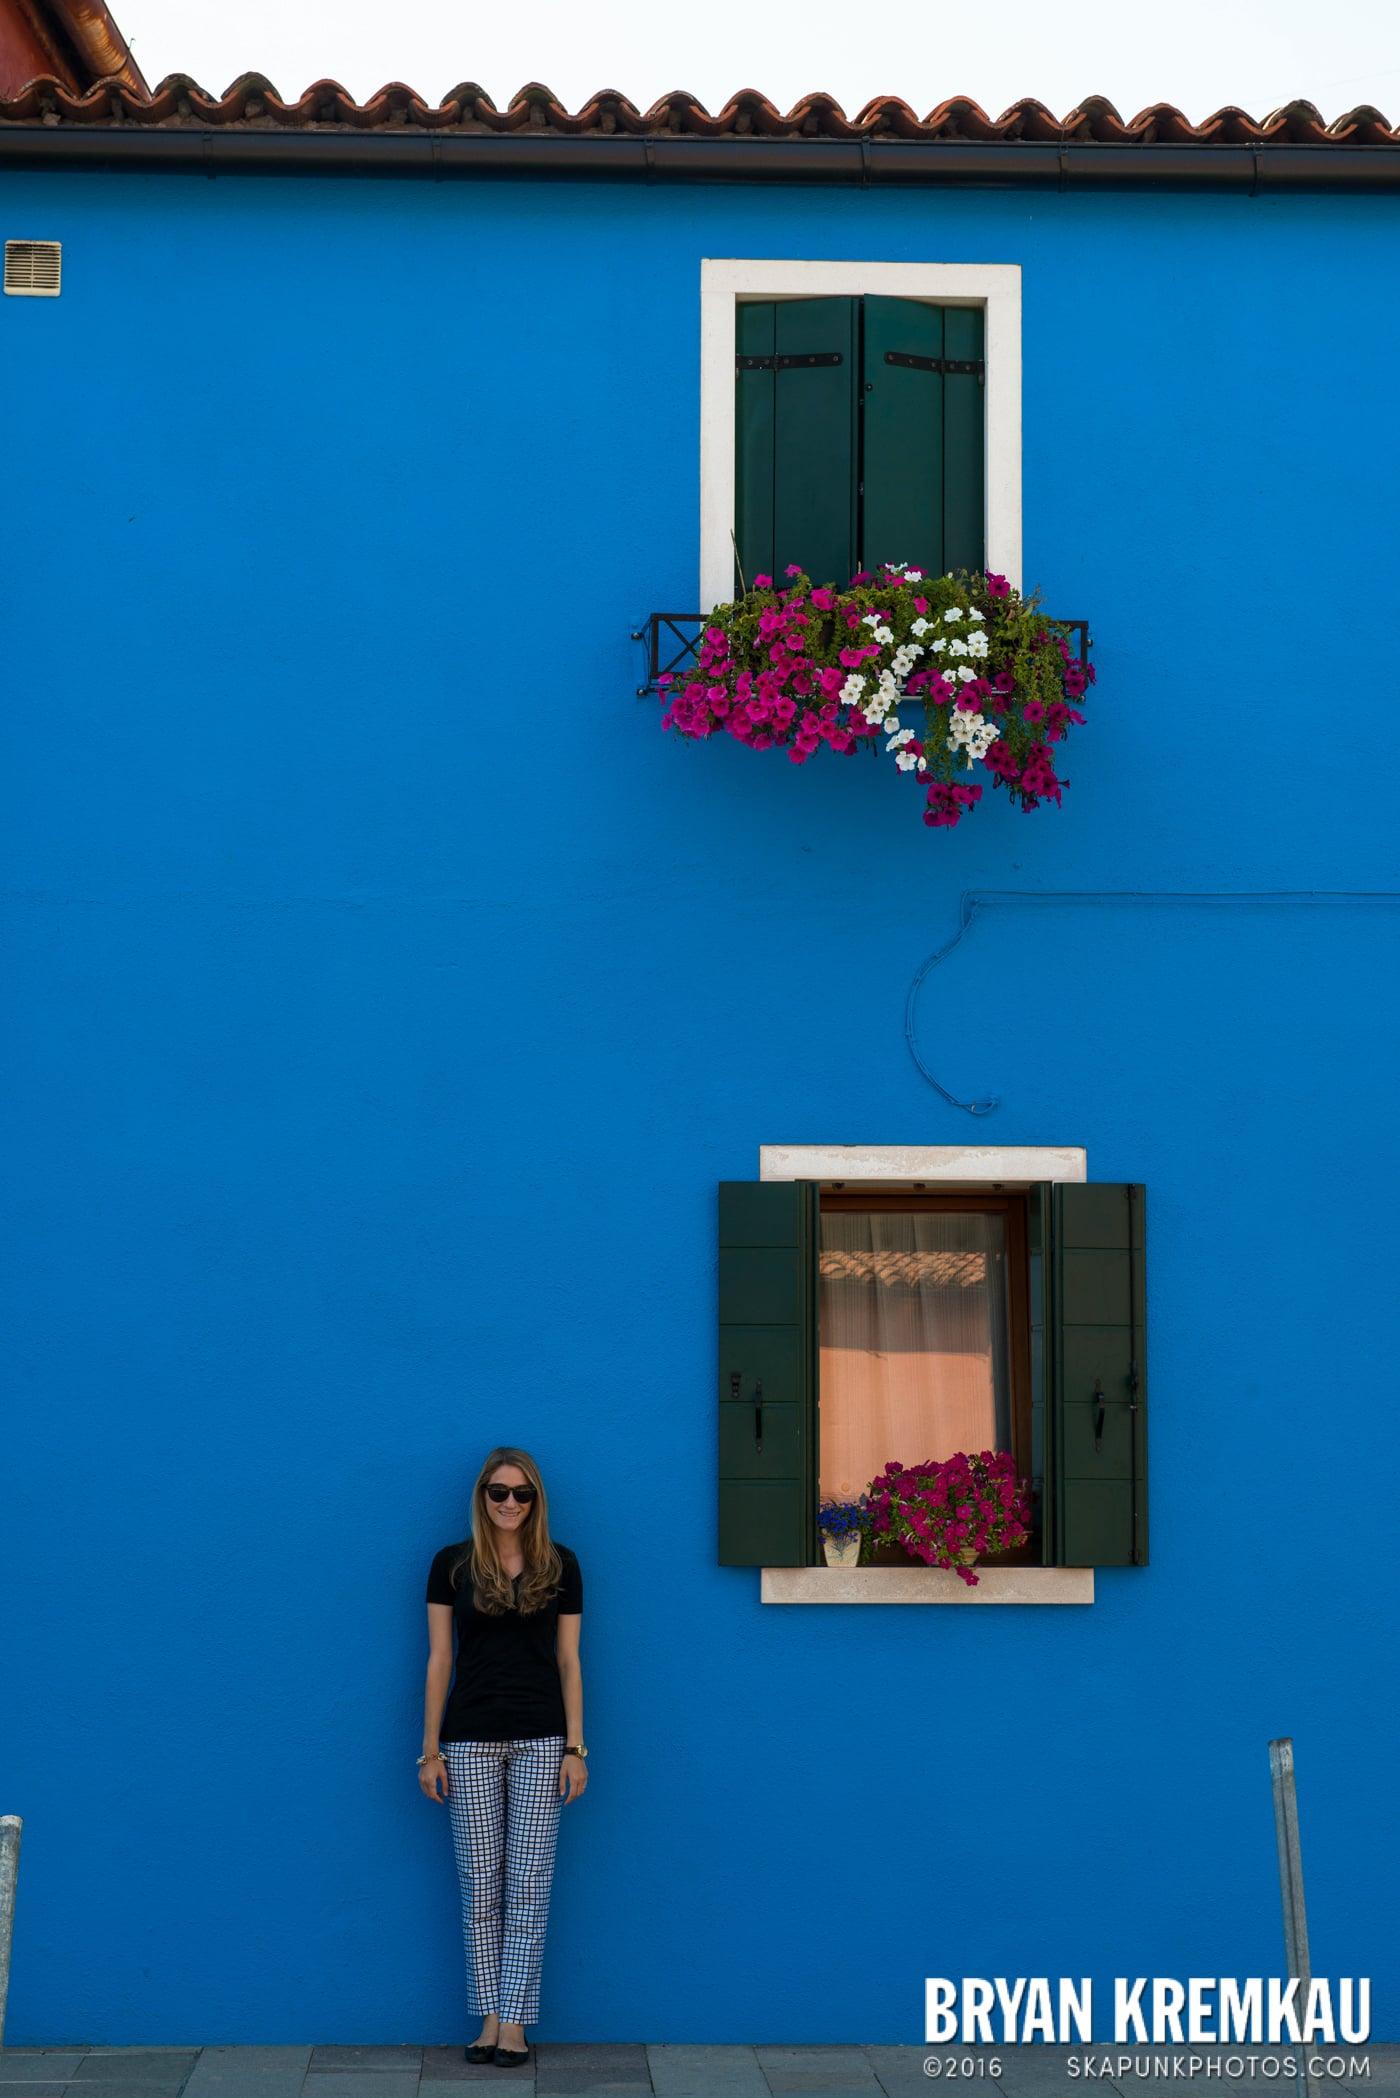 Italy Vacation - Day 6: Murano, Burano, Venice - 9.14.13 (44)